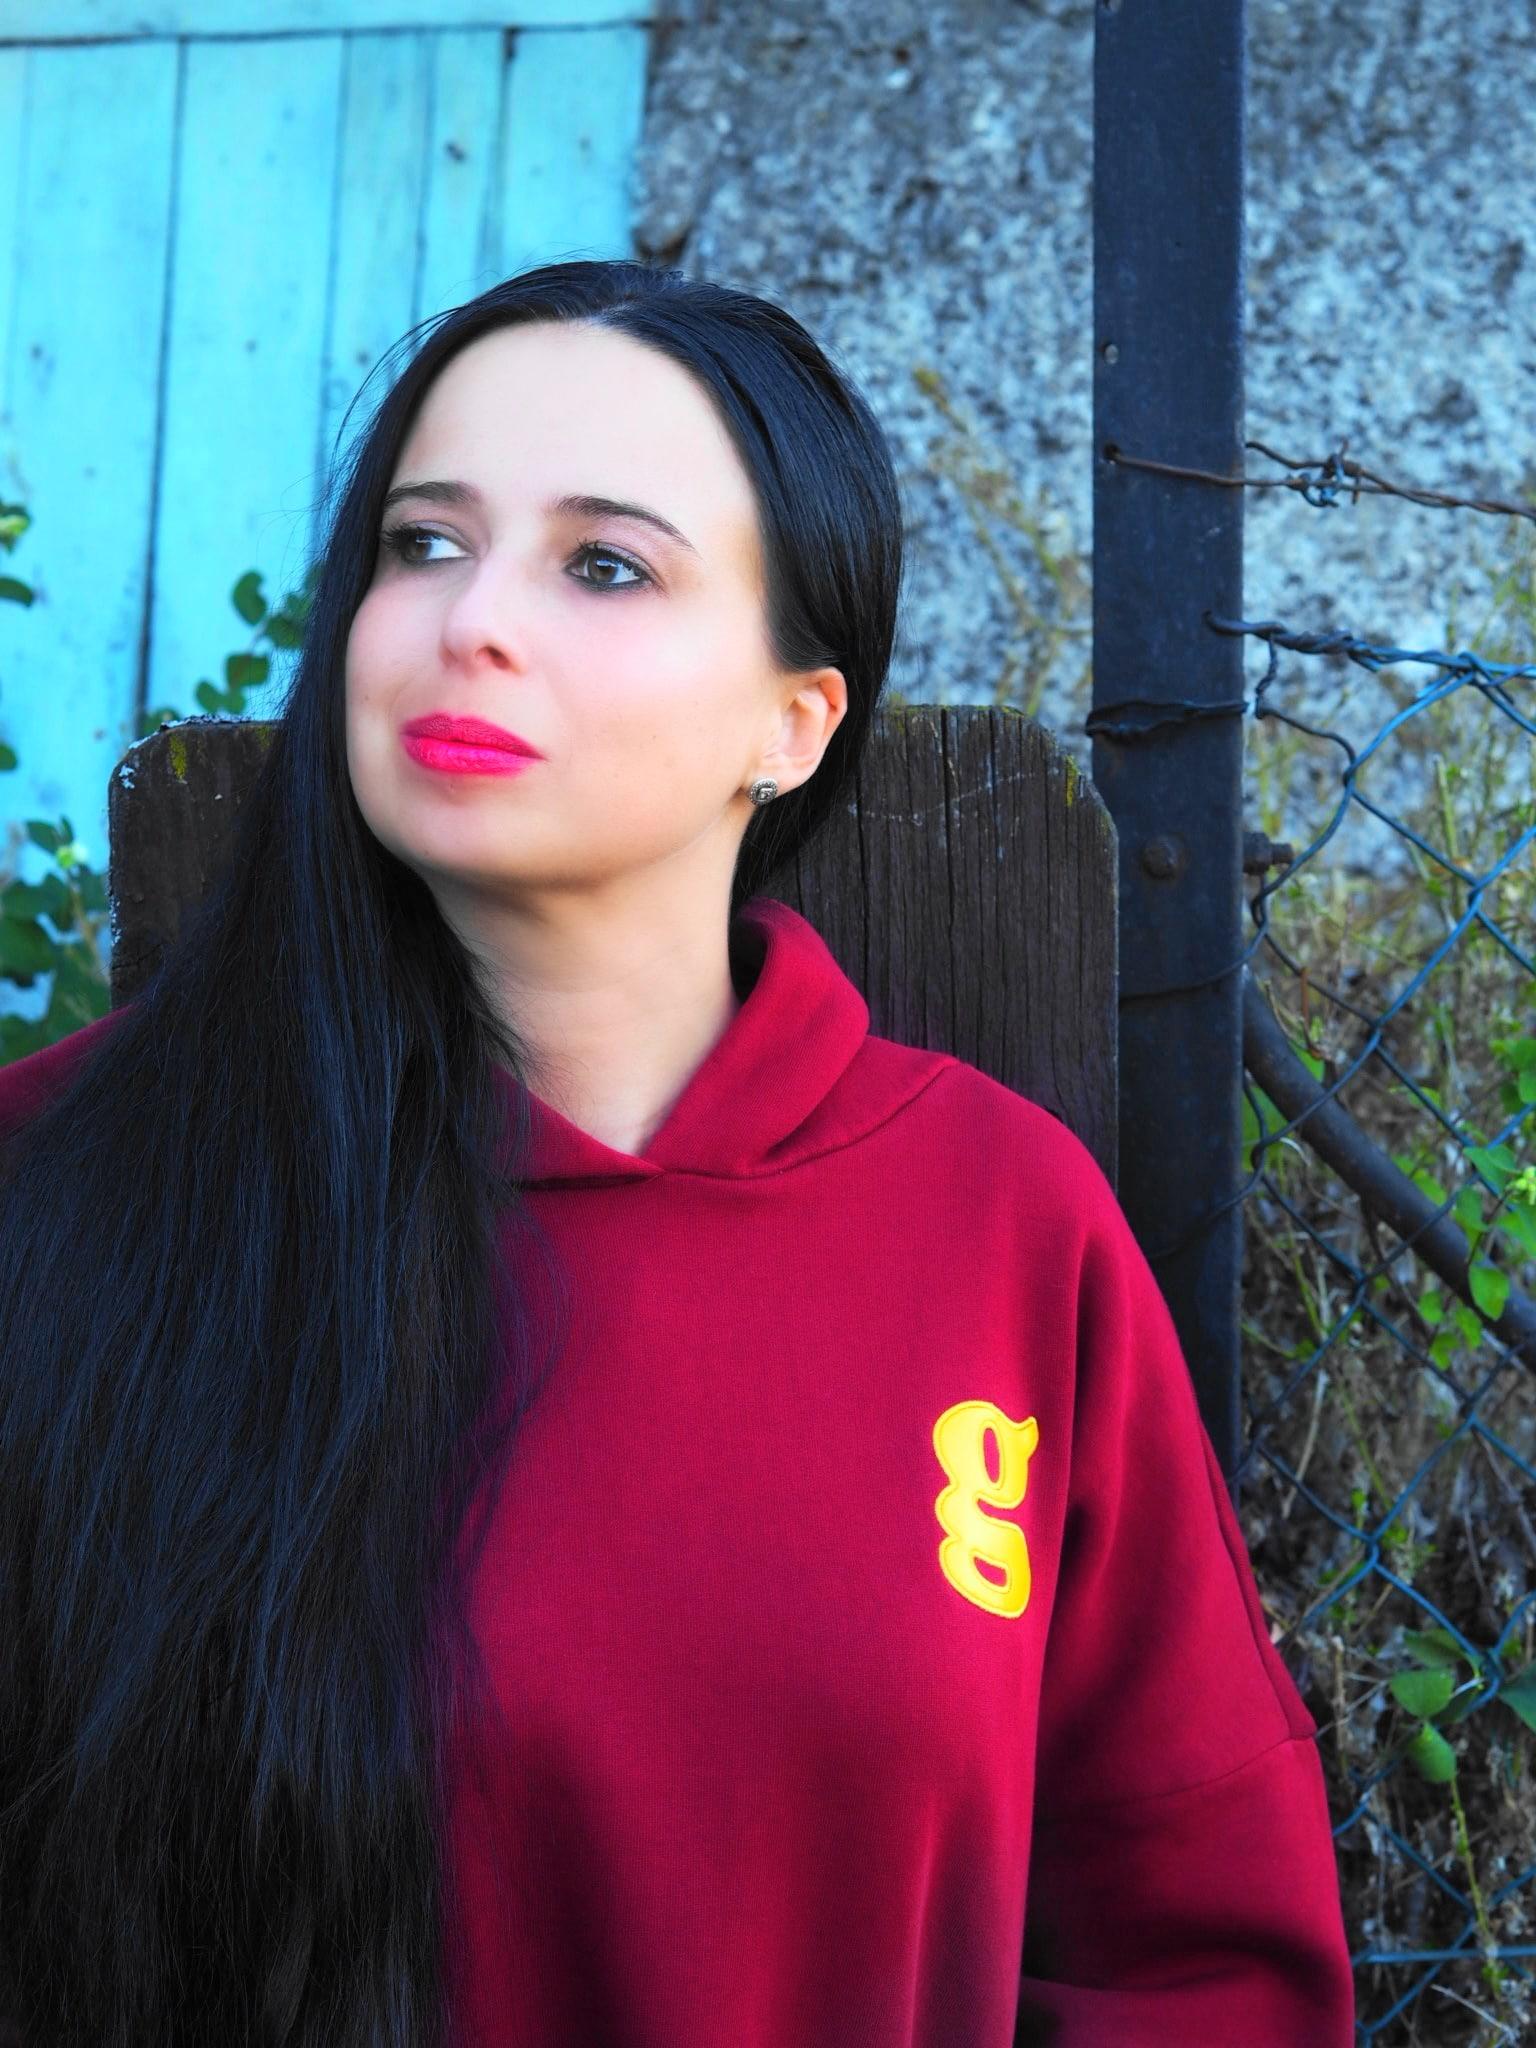 """Der limitierte Glam-o-meter Hoodie in der aktuellen Trendfarbe """"Wiesenrausch"""" ist bei The Mercer N.Y. erhältlich und ist ein top Teil für jede Fashionista"""